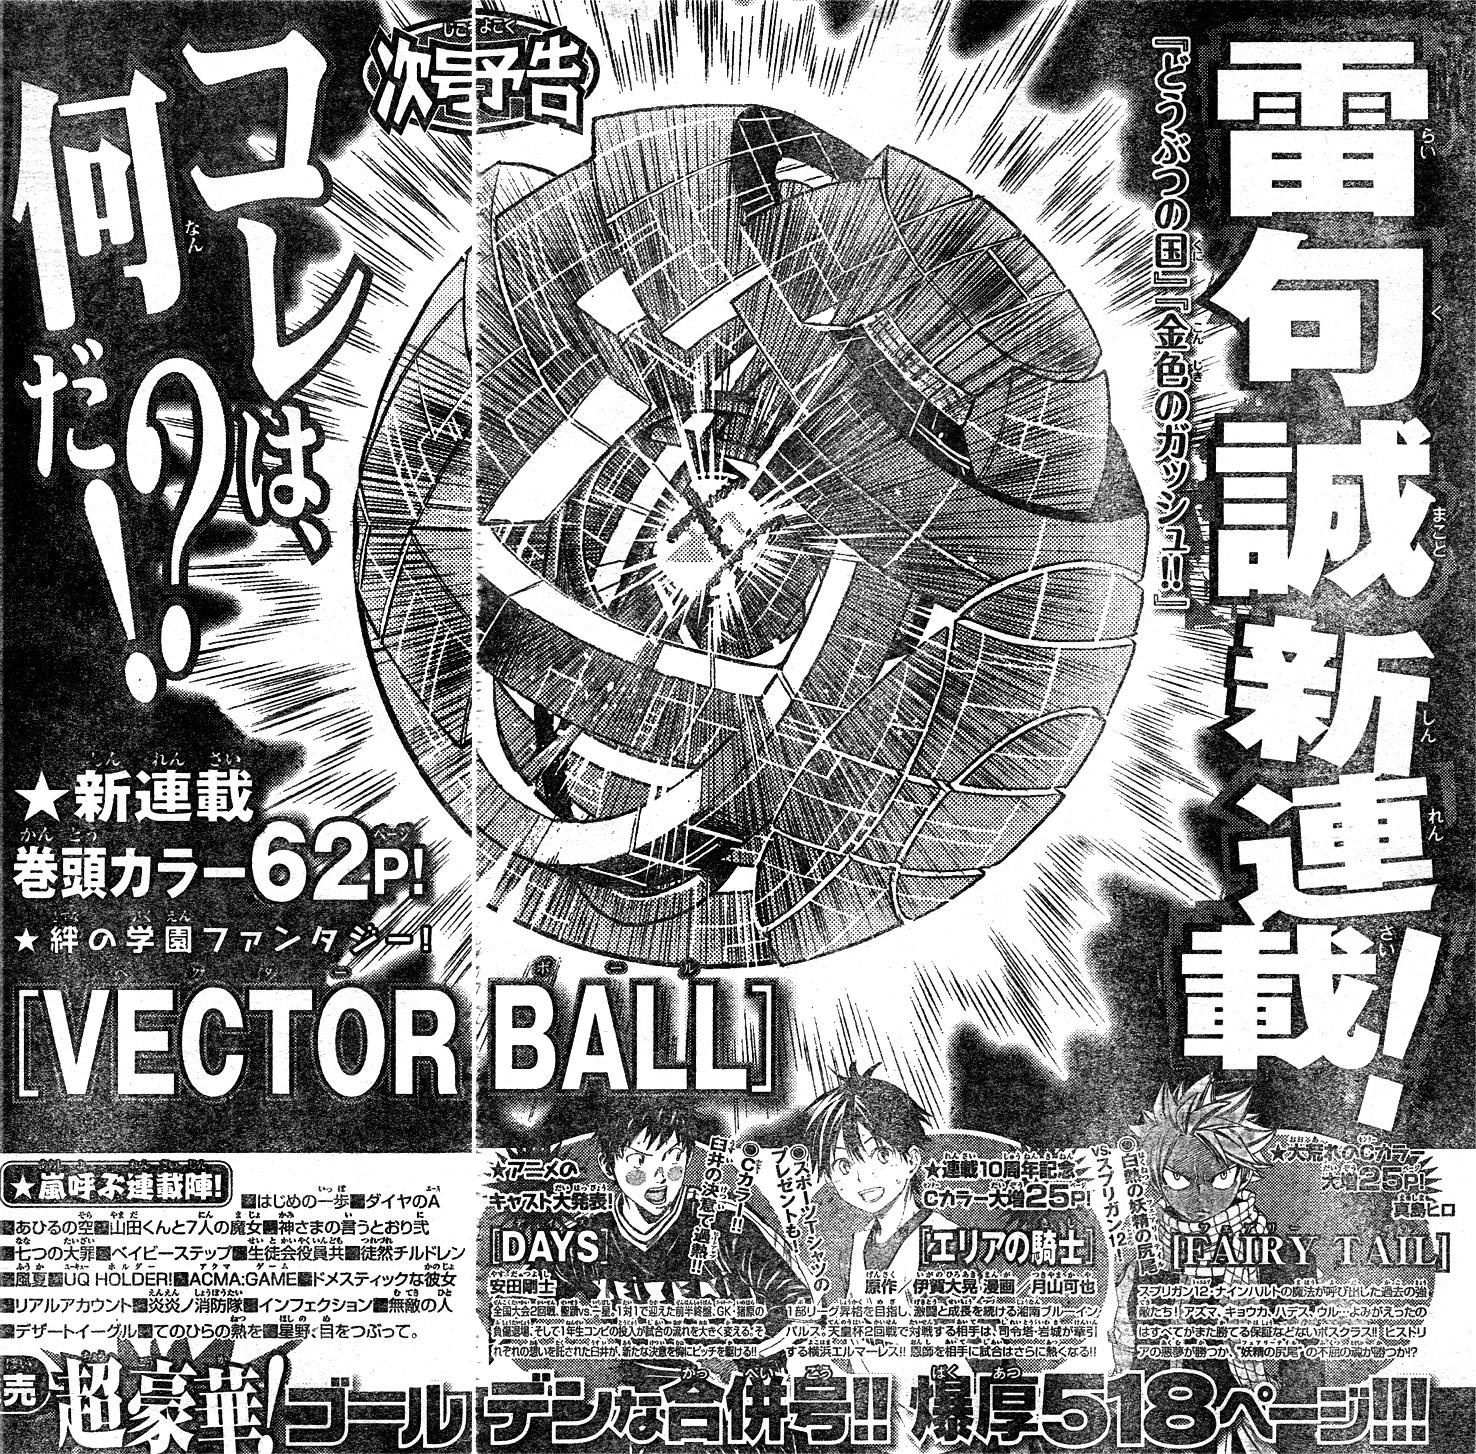 Vector-Ball